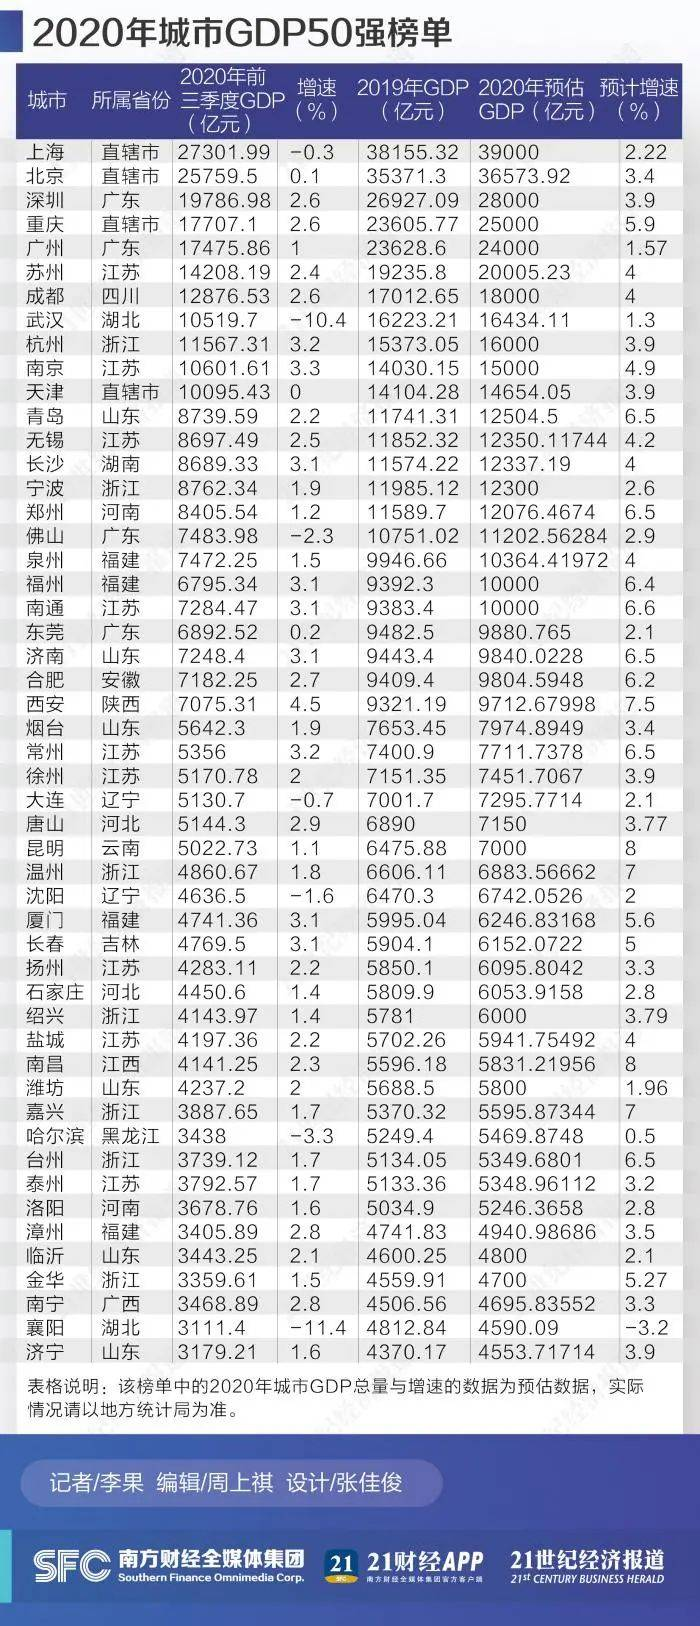 南京2020预计gdp_南京预计GDP1.48万亿元首次跻身全国经济十强